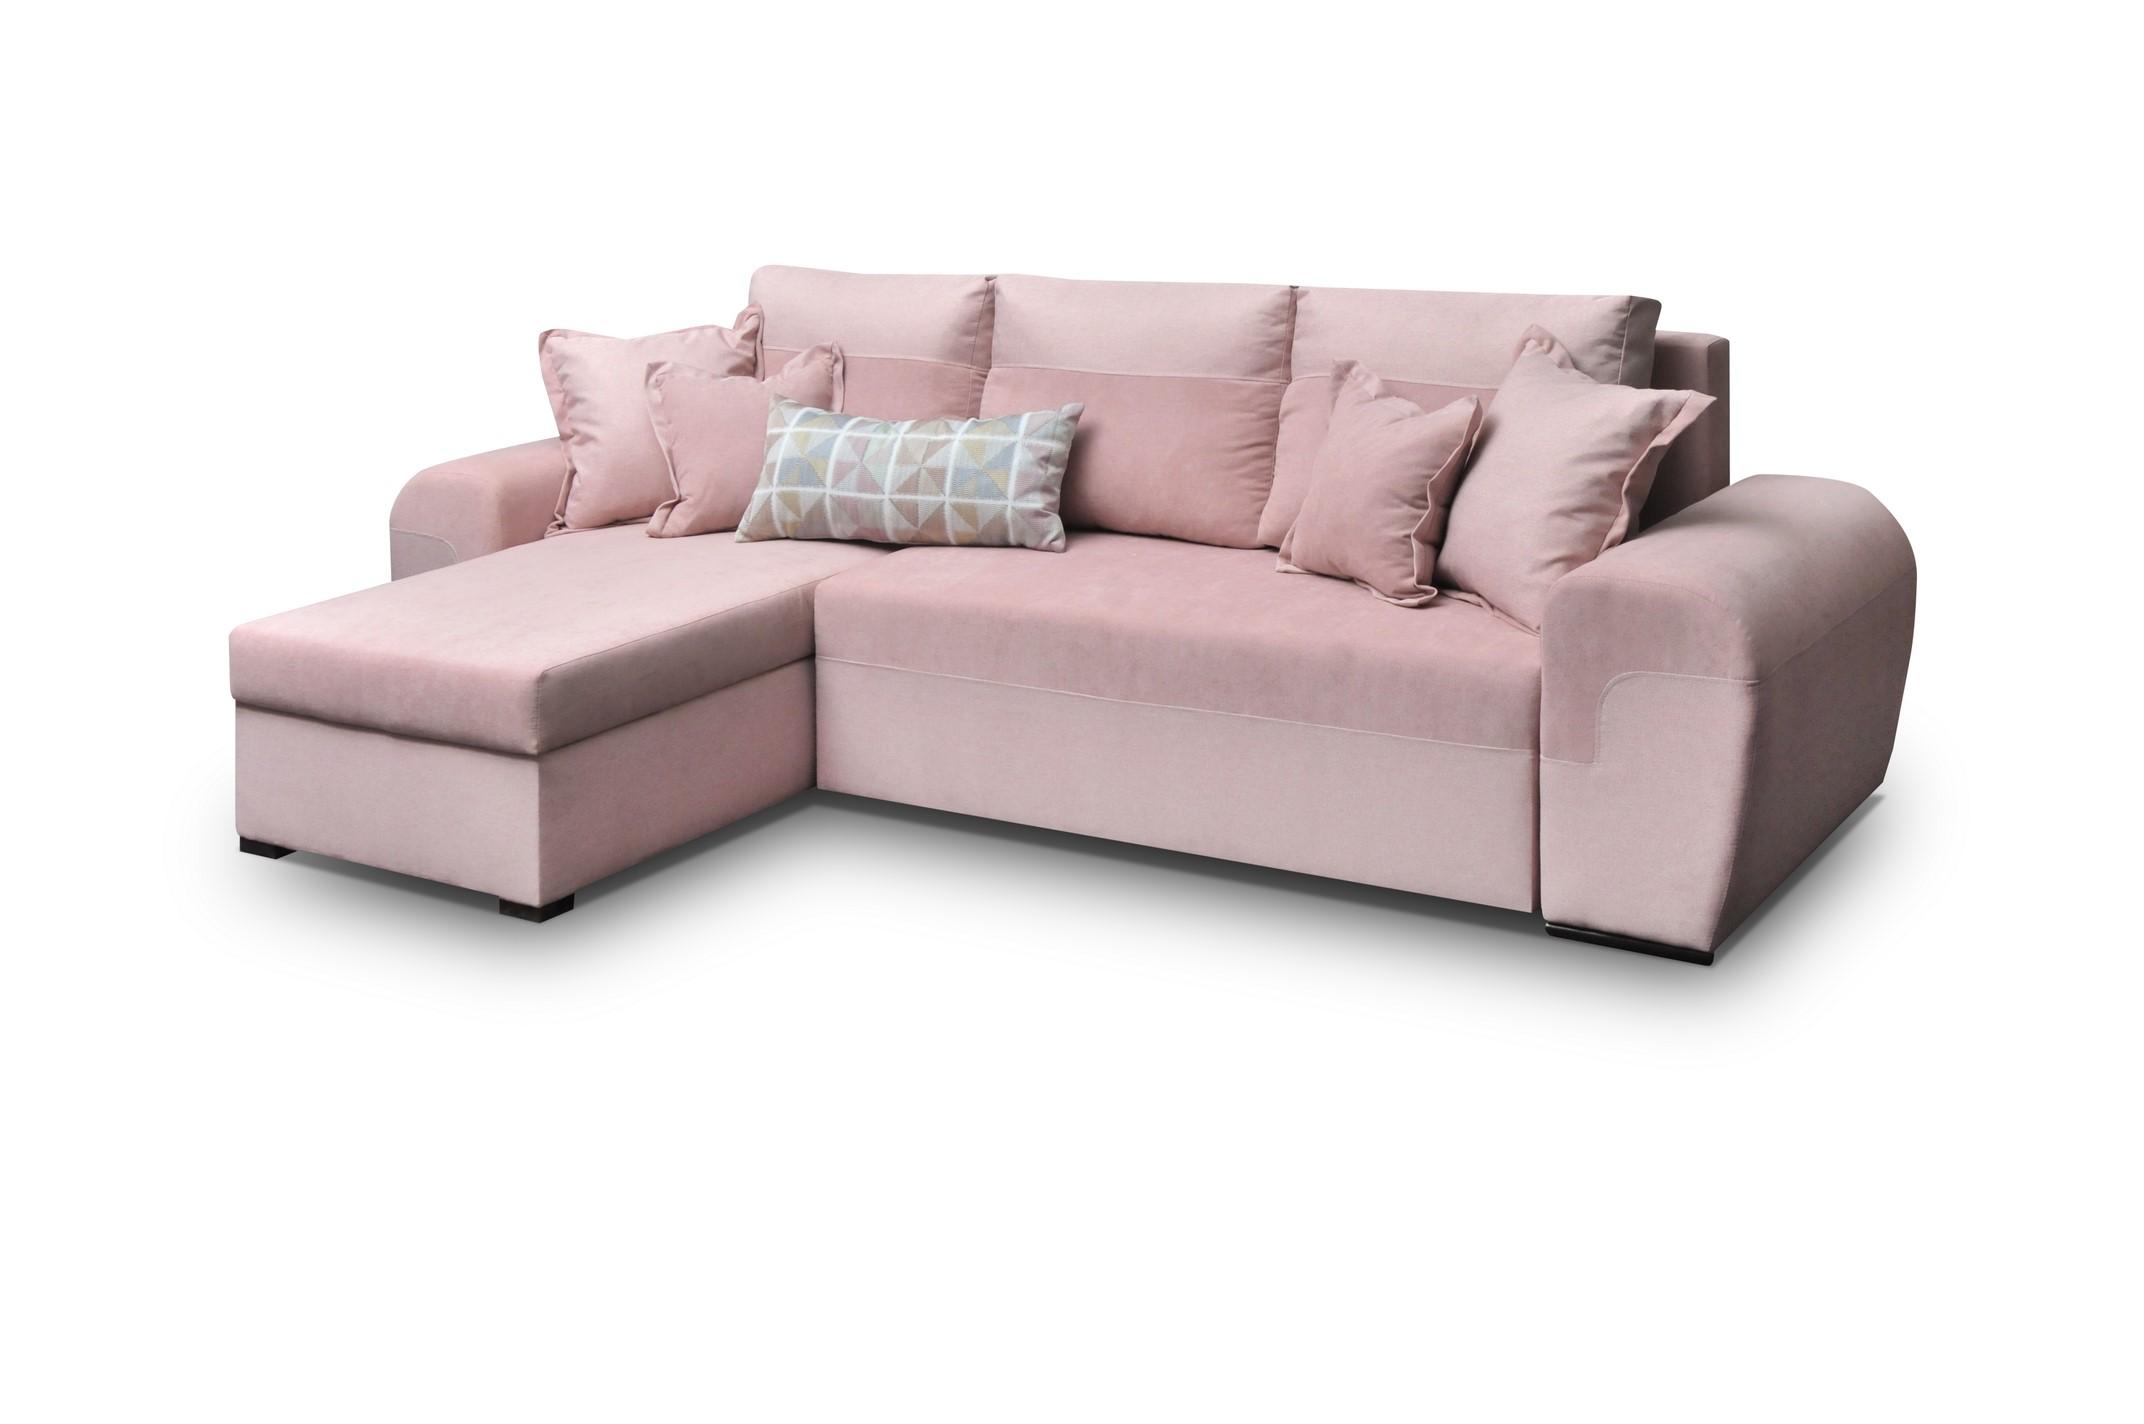 gnstige ecksofas mit latest full size of rattan ecksofa klein elegant rattan ecksofa mit billig. Black Bedroom Furniture Sets. Home Design Ideas